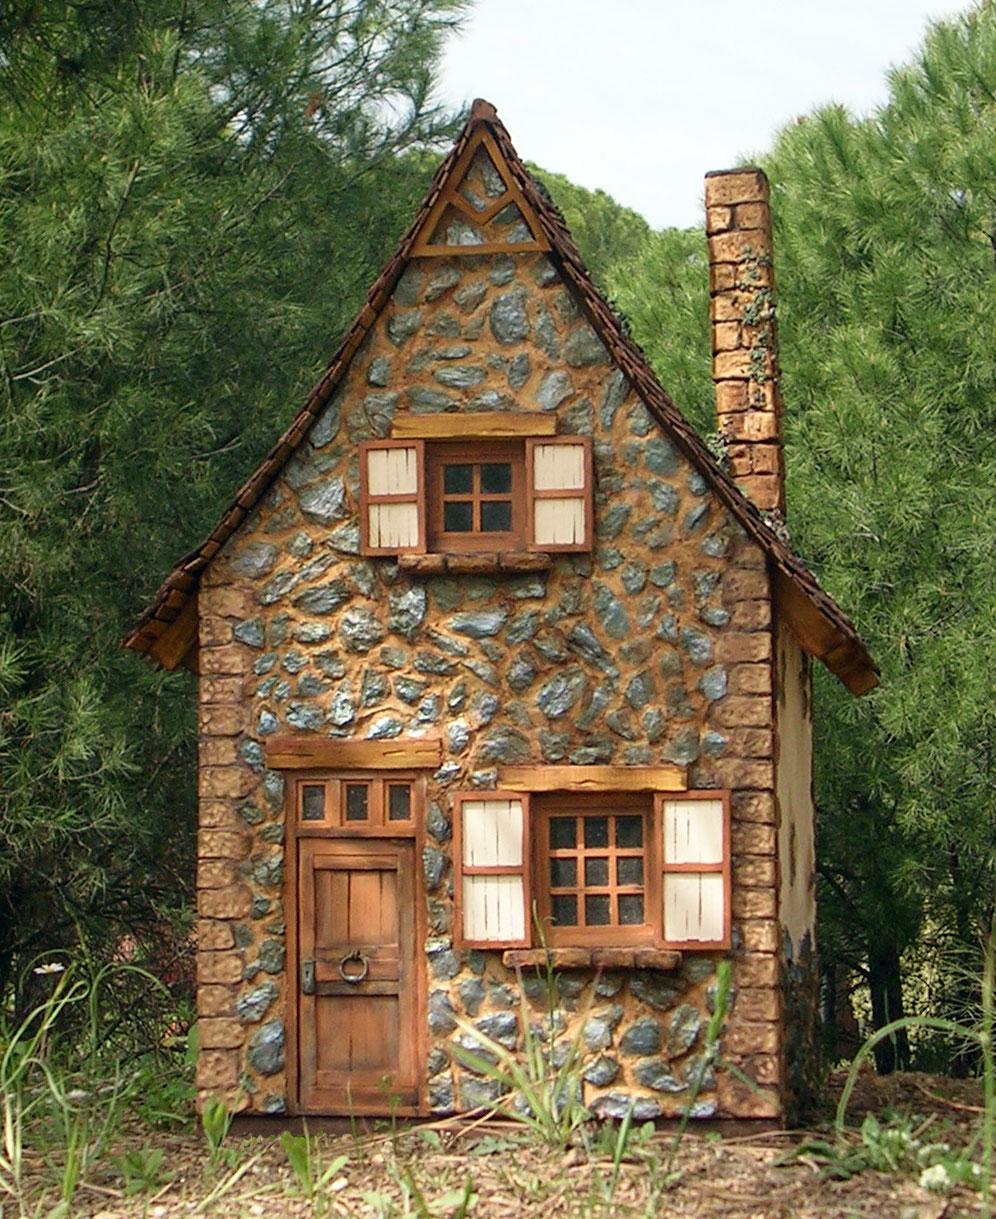 Miniaturas kriana la casa de la bruja n 6 salvaje de for Remote cabin plans